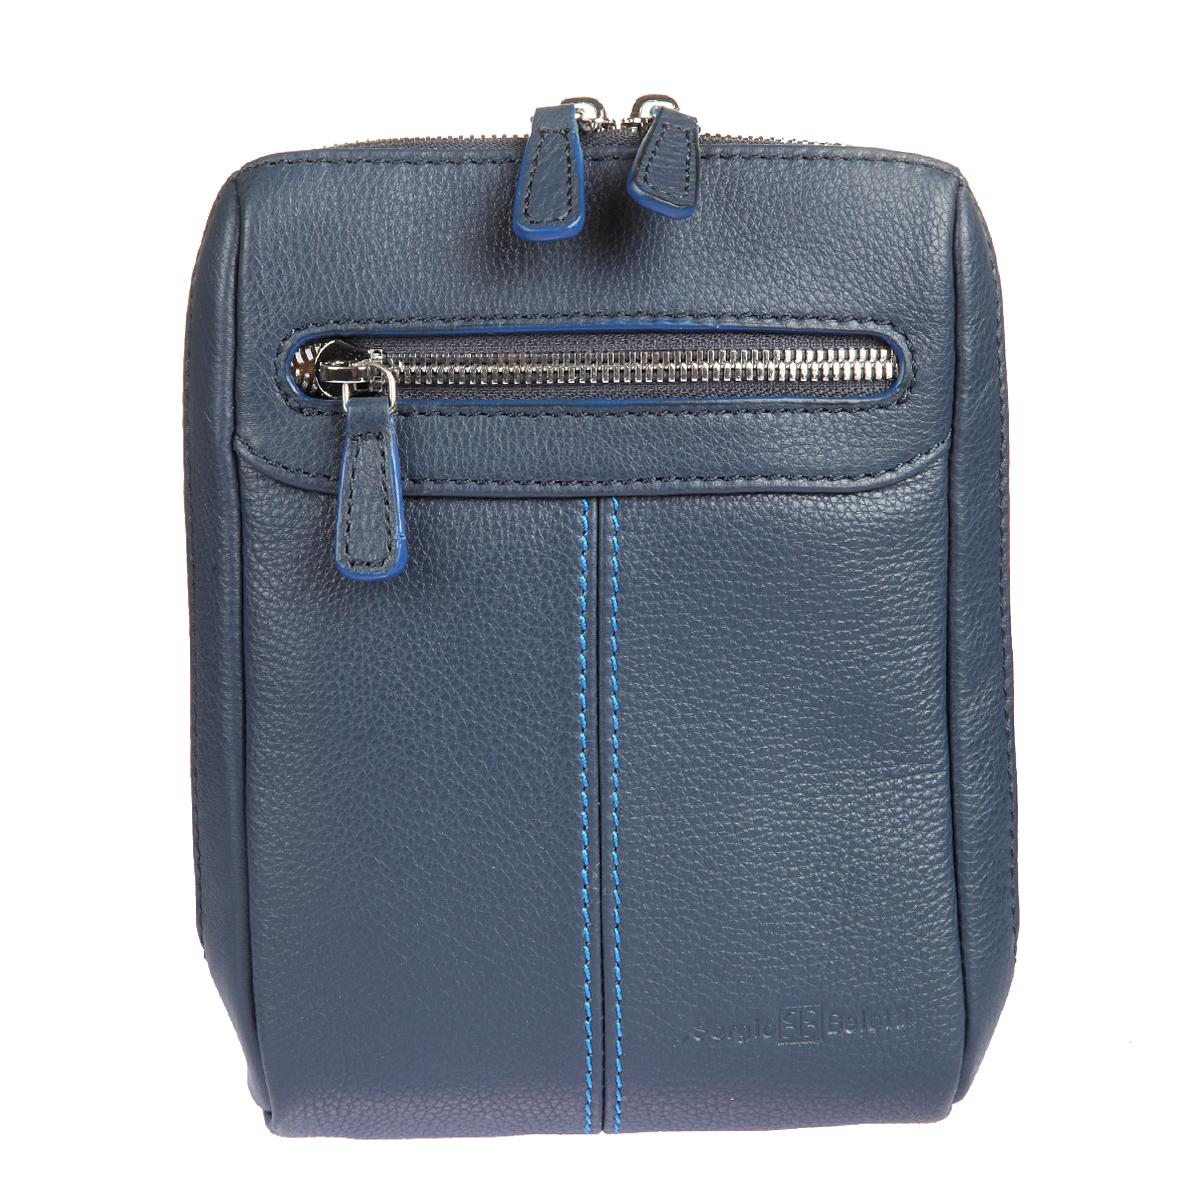 Планшет мужской Sergio Belotti, цвет: синий. 9137 indigo jeans9137-14 indigo jeansПланшет мужской Sergio Belotti выполнен из натуральной кожи синего цвета. Планшет имеет одно отделение, закрывающееся на двустороннюю молнию. Внутри два вшитых кармана на пластиковых молниях, накладной кармашек для мобильного телефона и четыре отделения для пластиковых карт. На лицевой стороне расположен вшитый карман на молнии. Планшет имеет плечевой ремень регулируемой длины, также к нему прилагается фирменный текстильный чехол для хранения. Этот стильный аксессуар станет изысканным дополнением к вашему образу и отличным подарком!